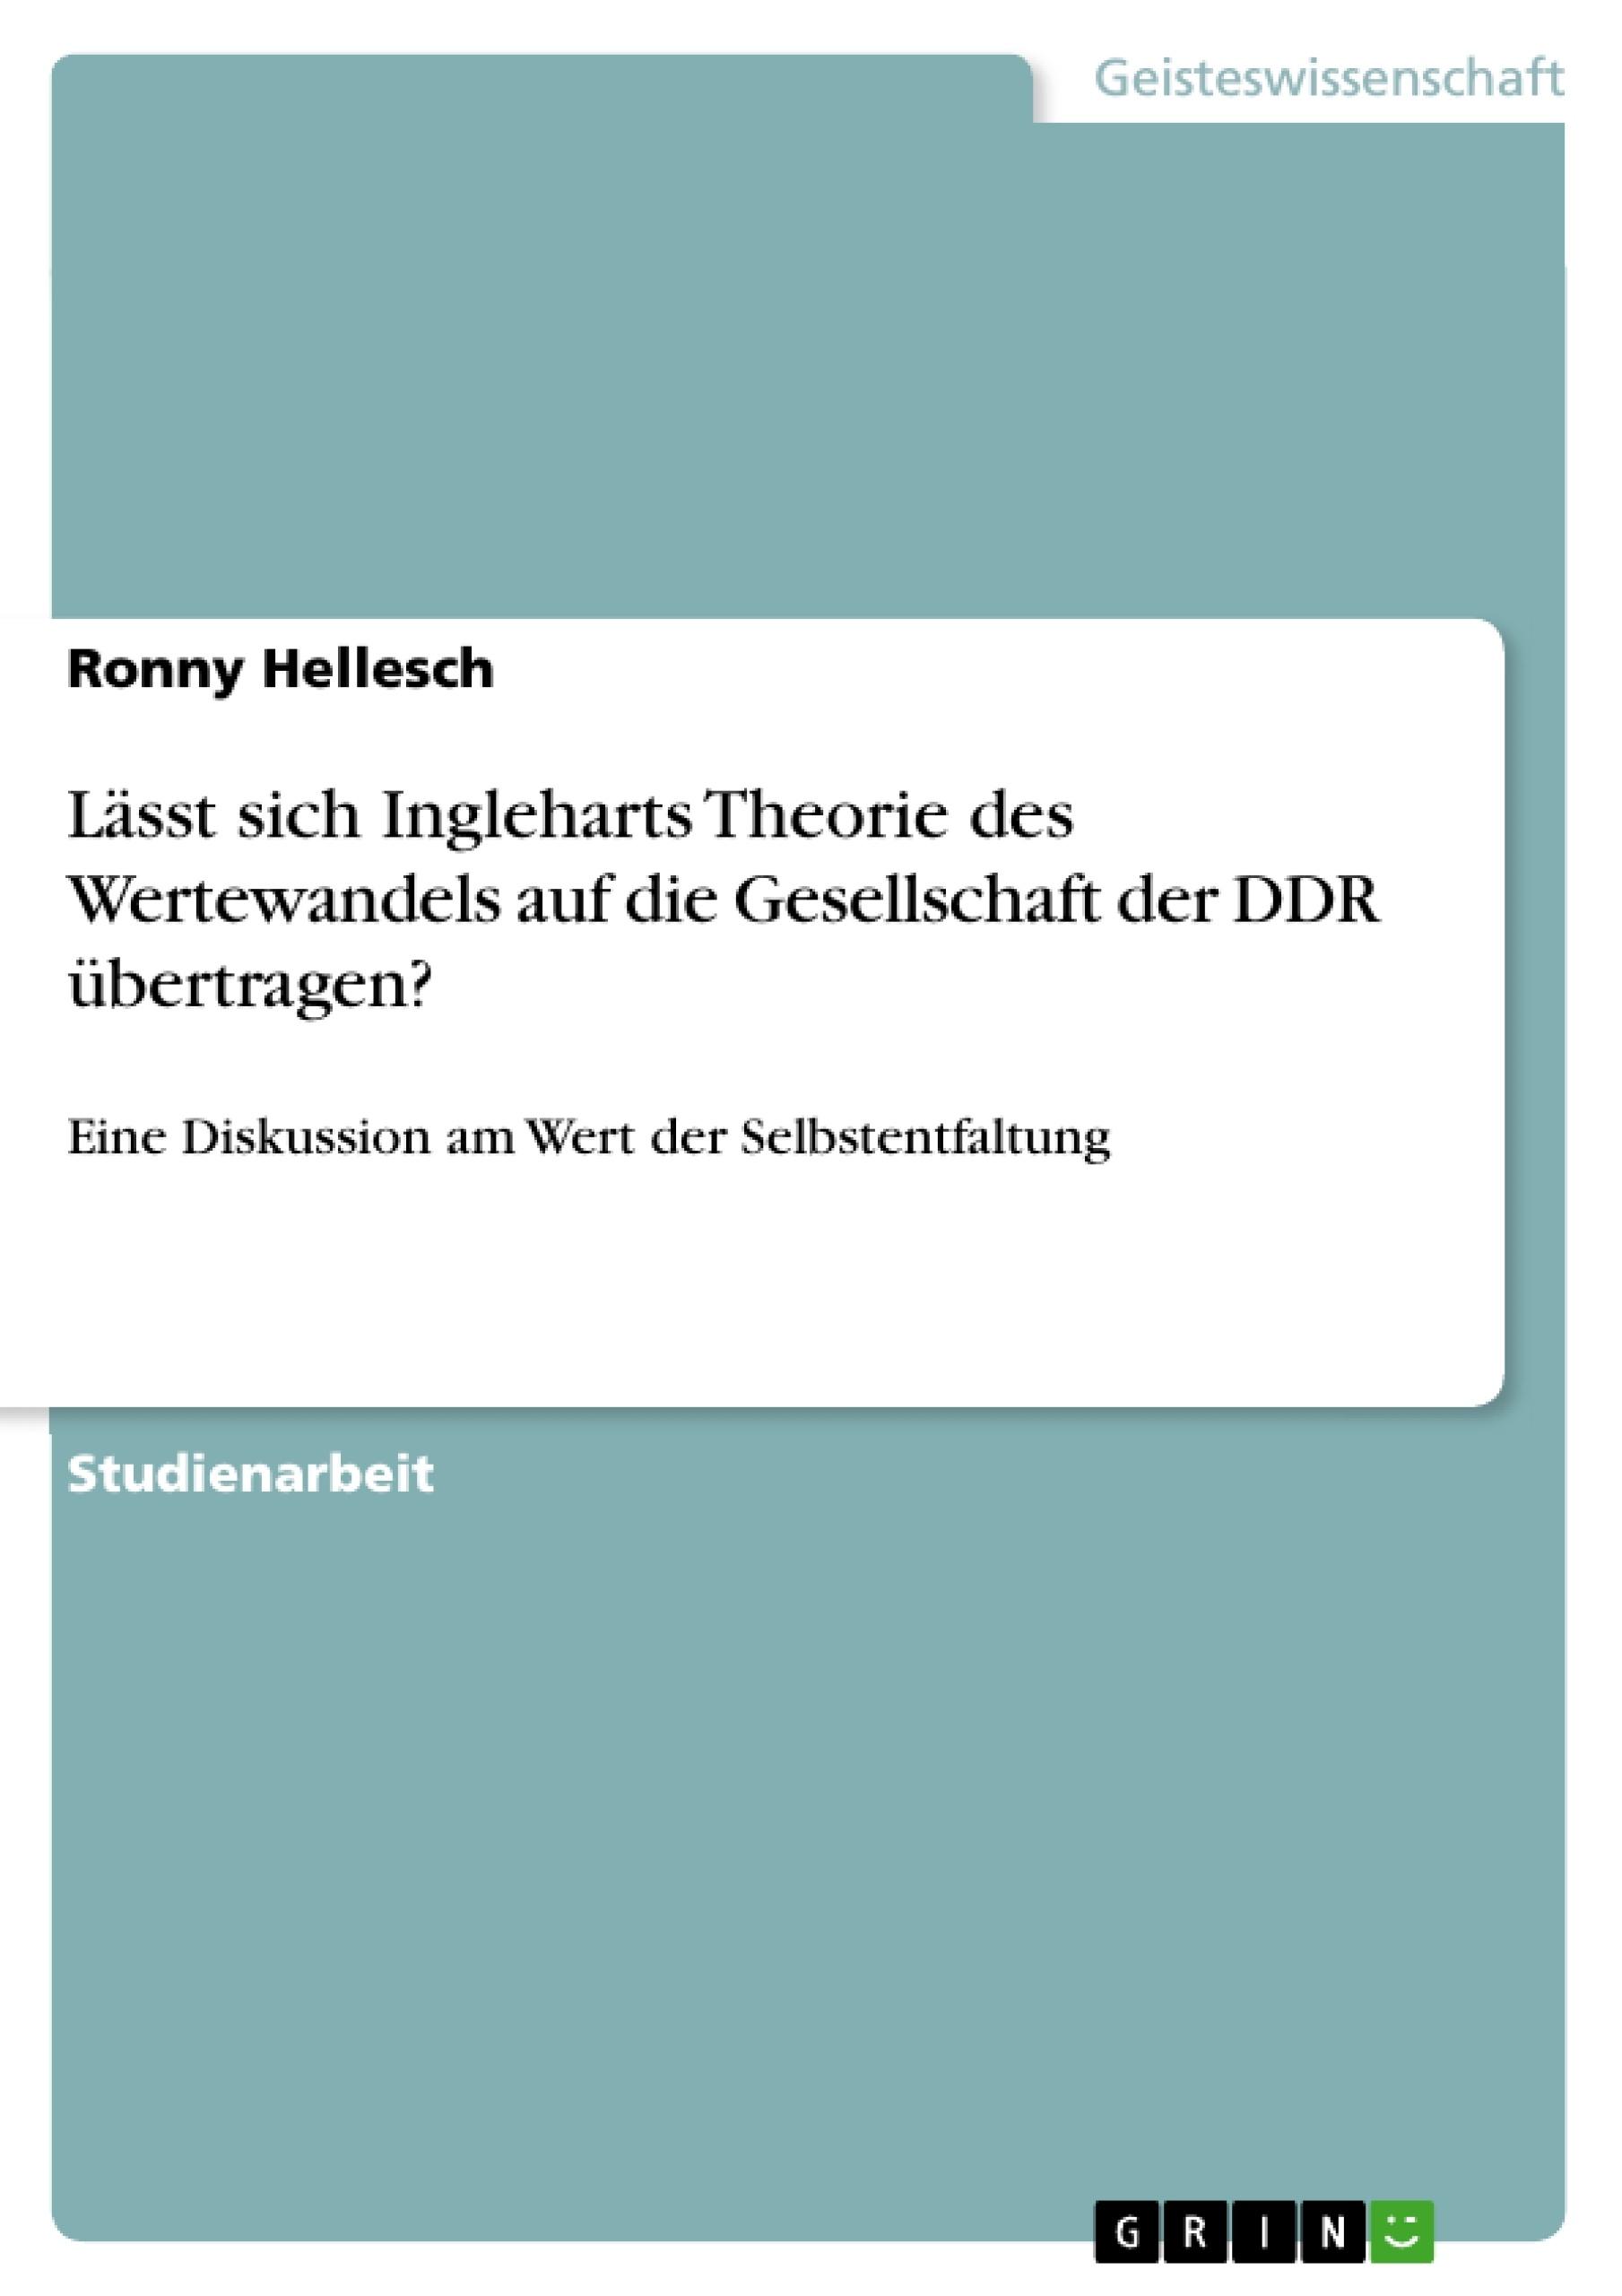 Titel: Lässt sich Ingleharts Theorie des Wertewandels auf die Gesellschaft der DDR übertragen?